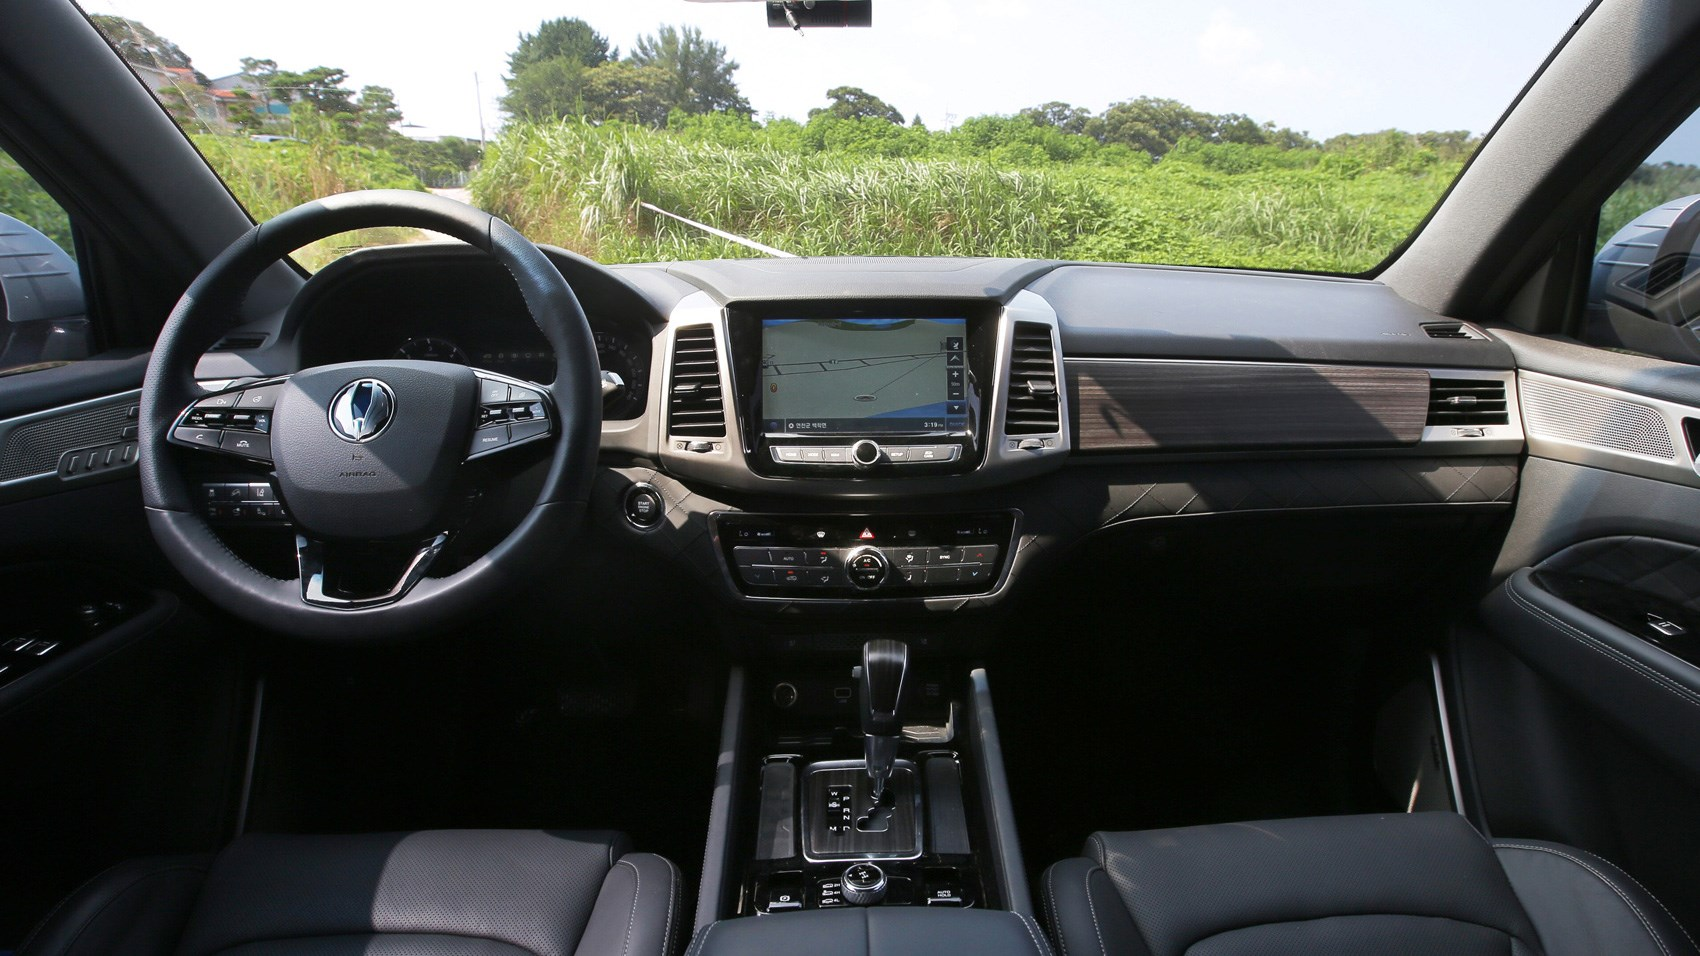 SsangYong Rexton interior